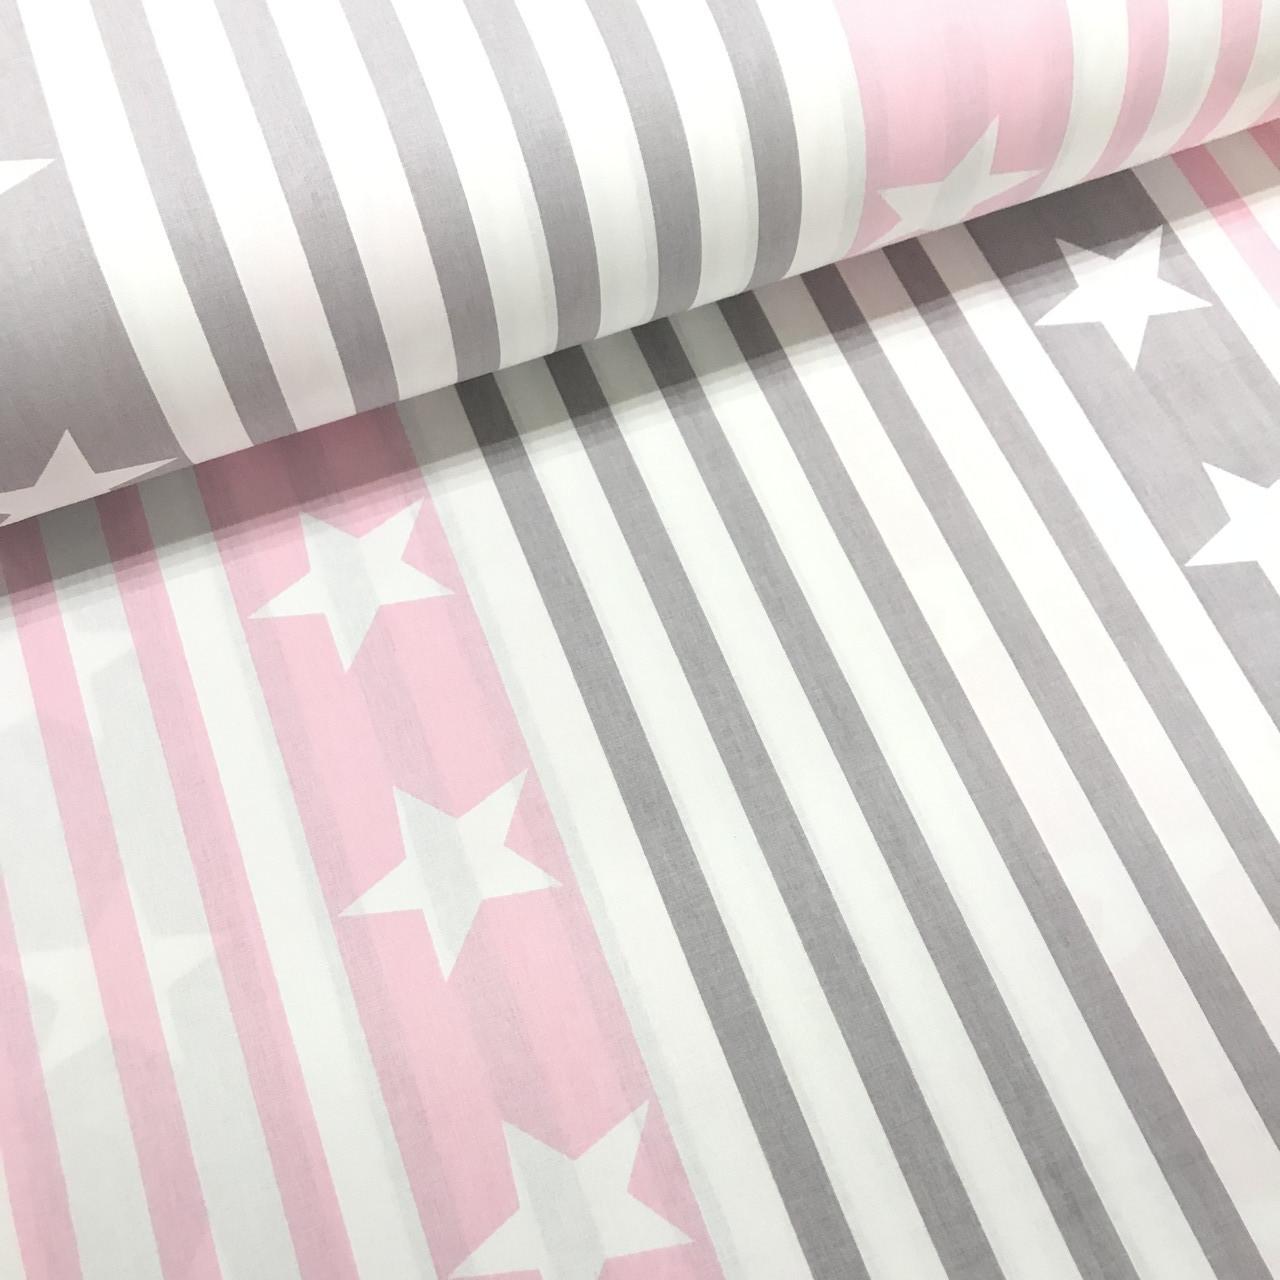 Ткань поплин крупные звезды на серо-розовой полоске (ТУРЦИЯ шир. 2,4 м)